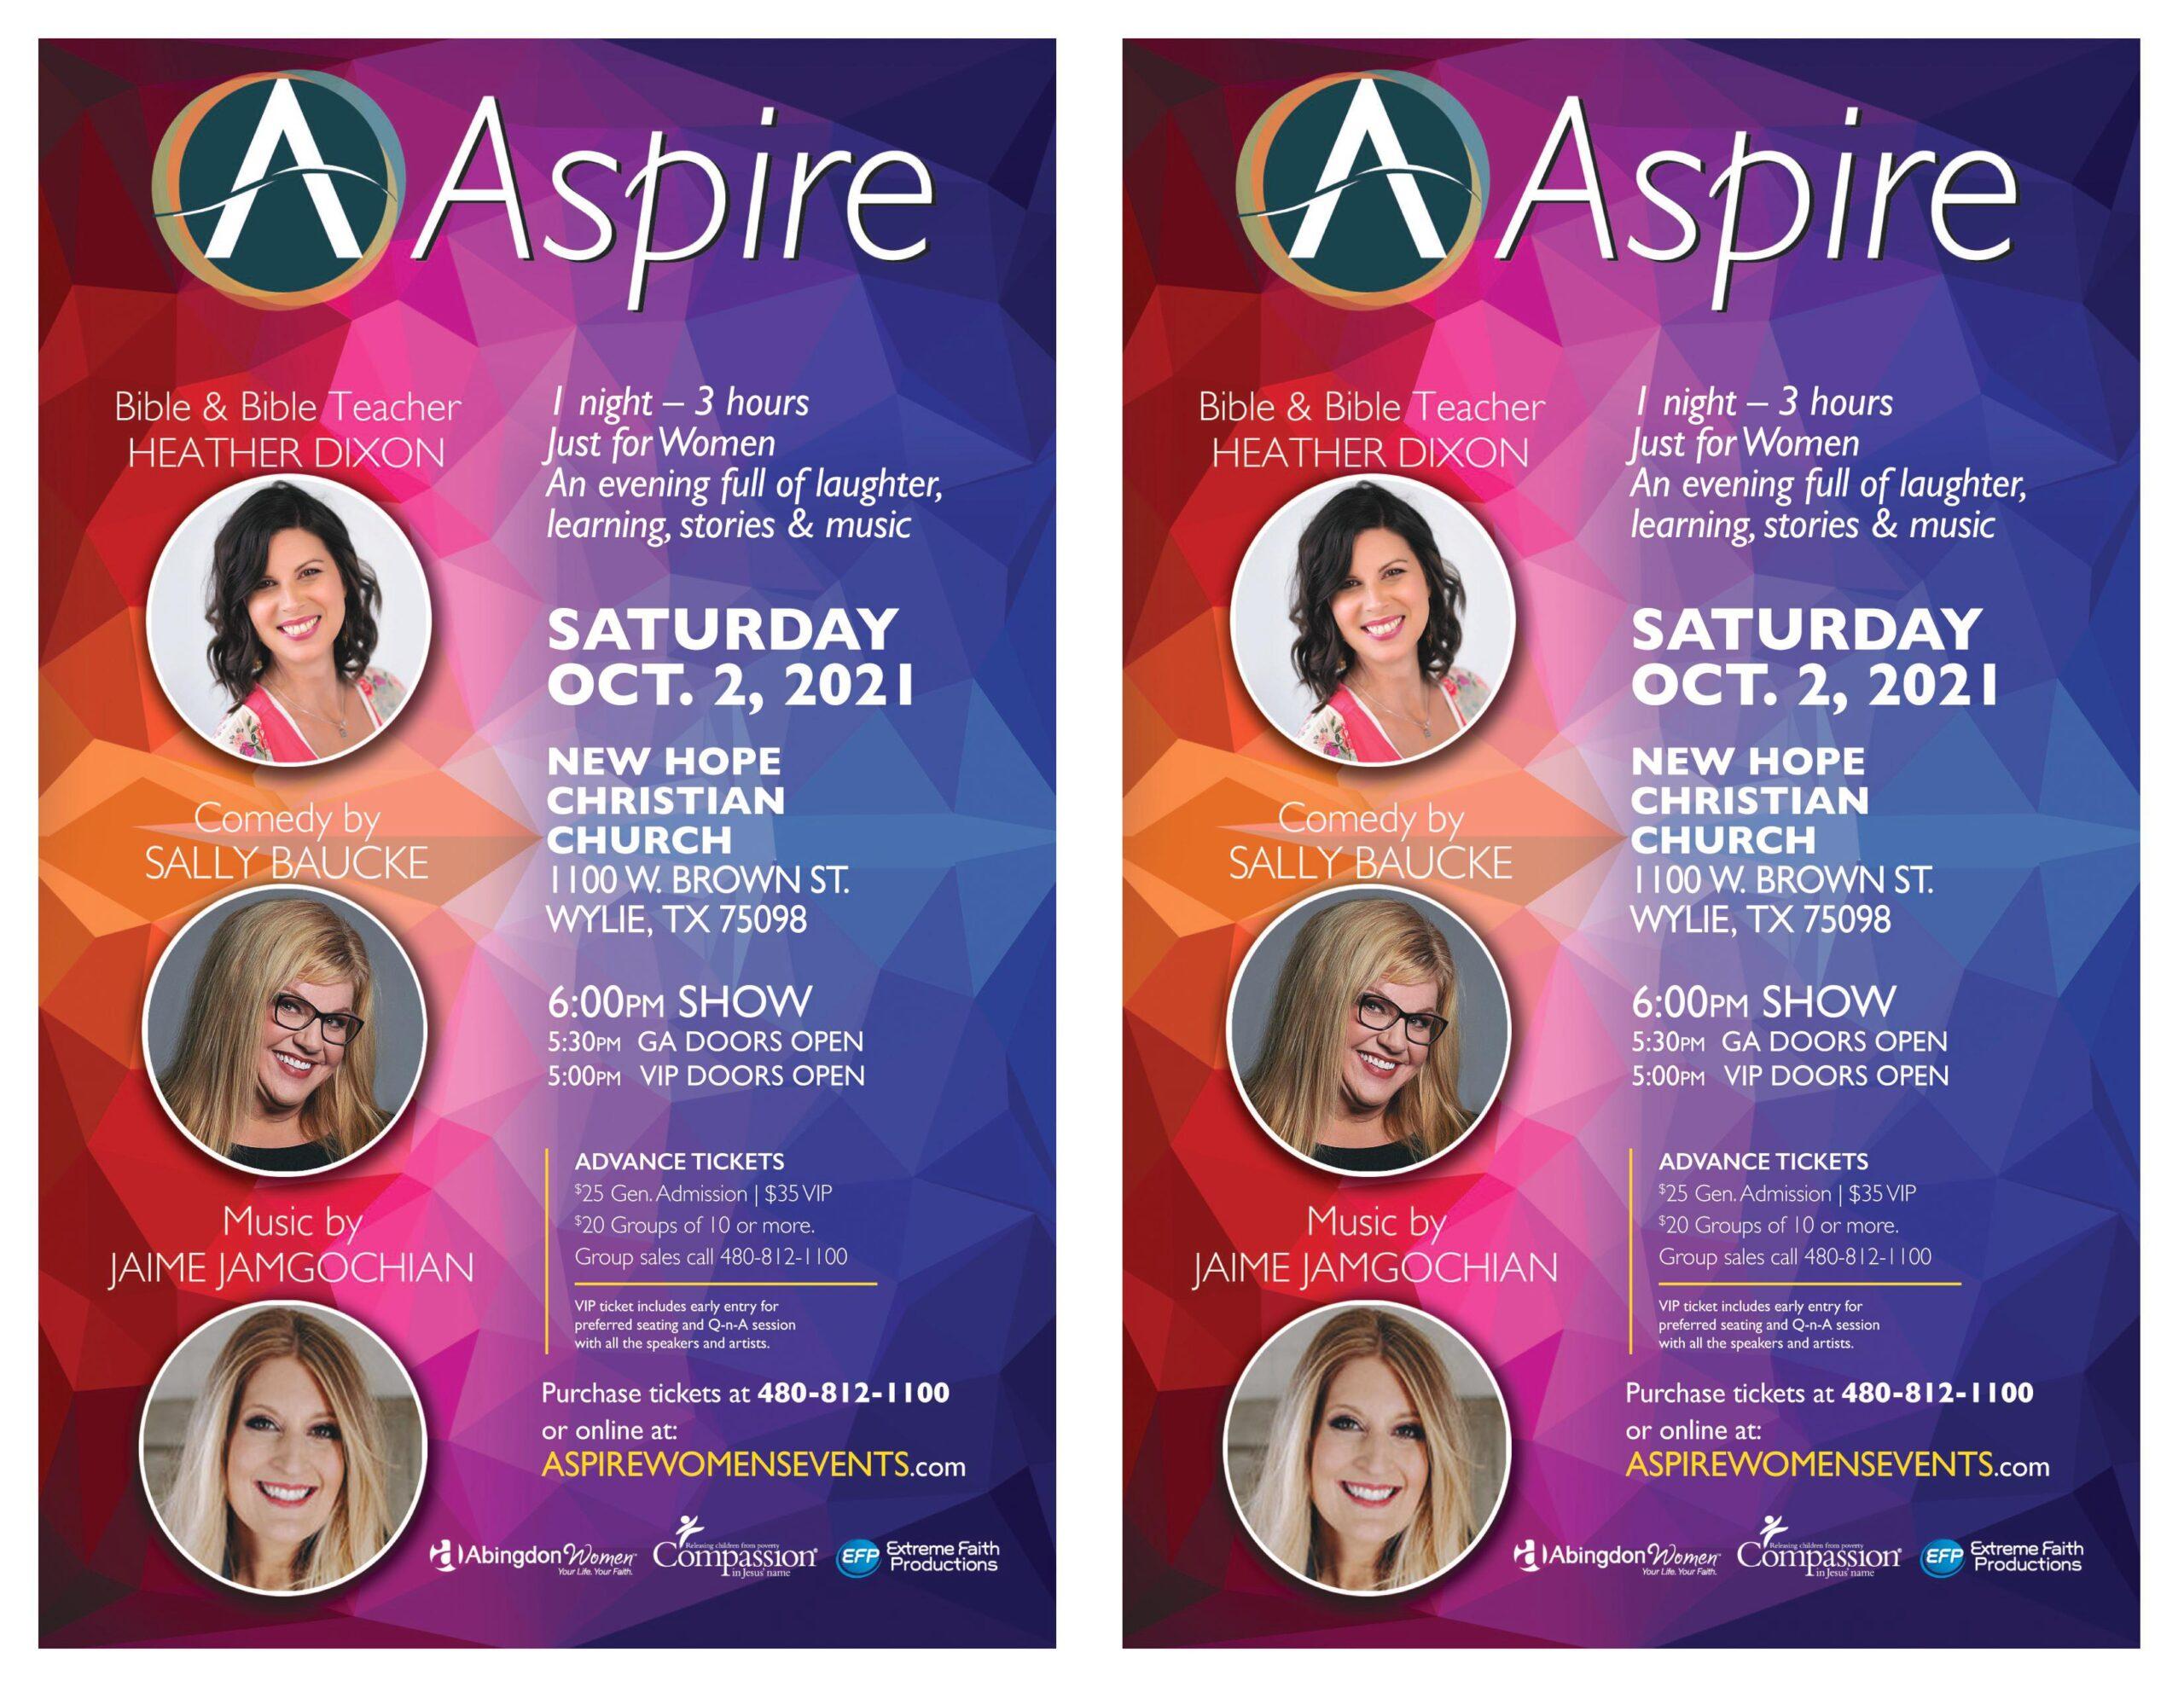 Aspire_SAT Oct 2 Wylie TX - Flier